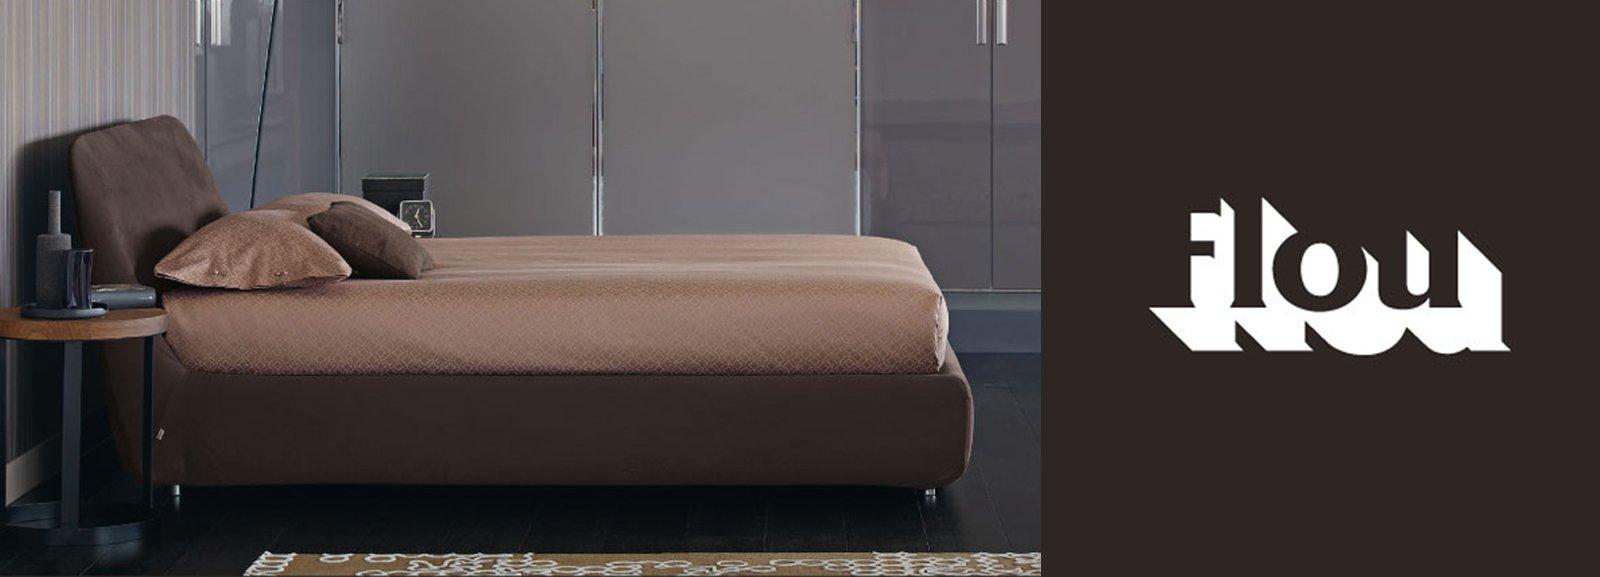 Arredamento casa promozione flou per le camere da letto for Camere da letto flou